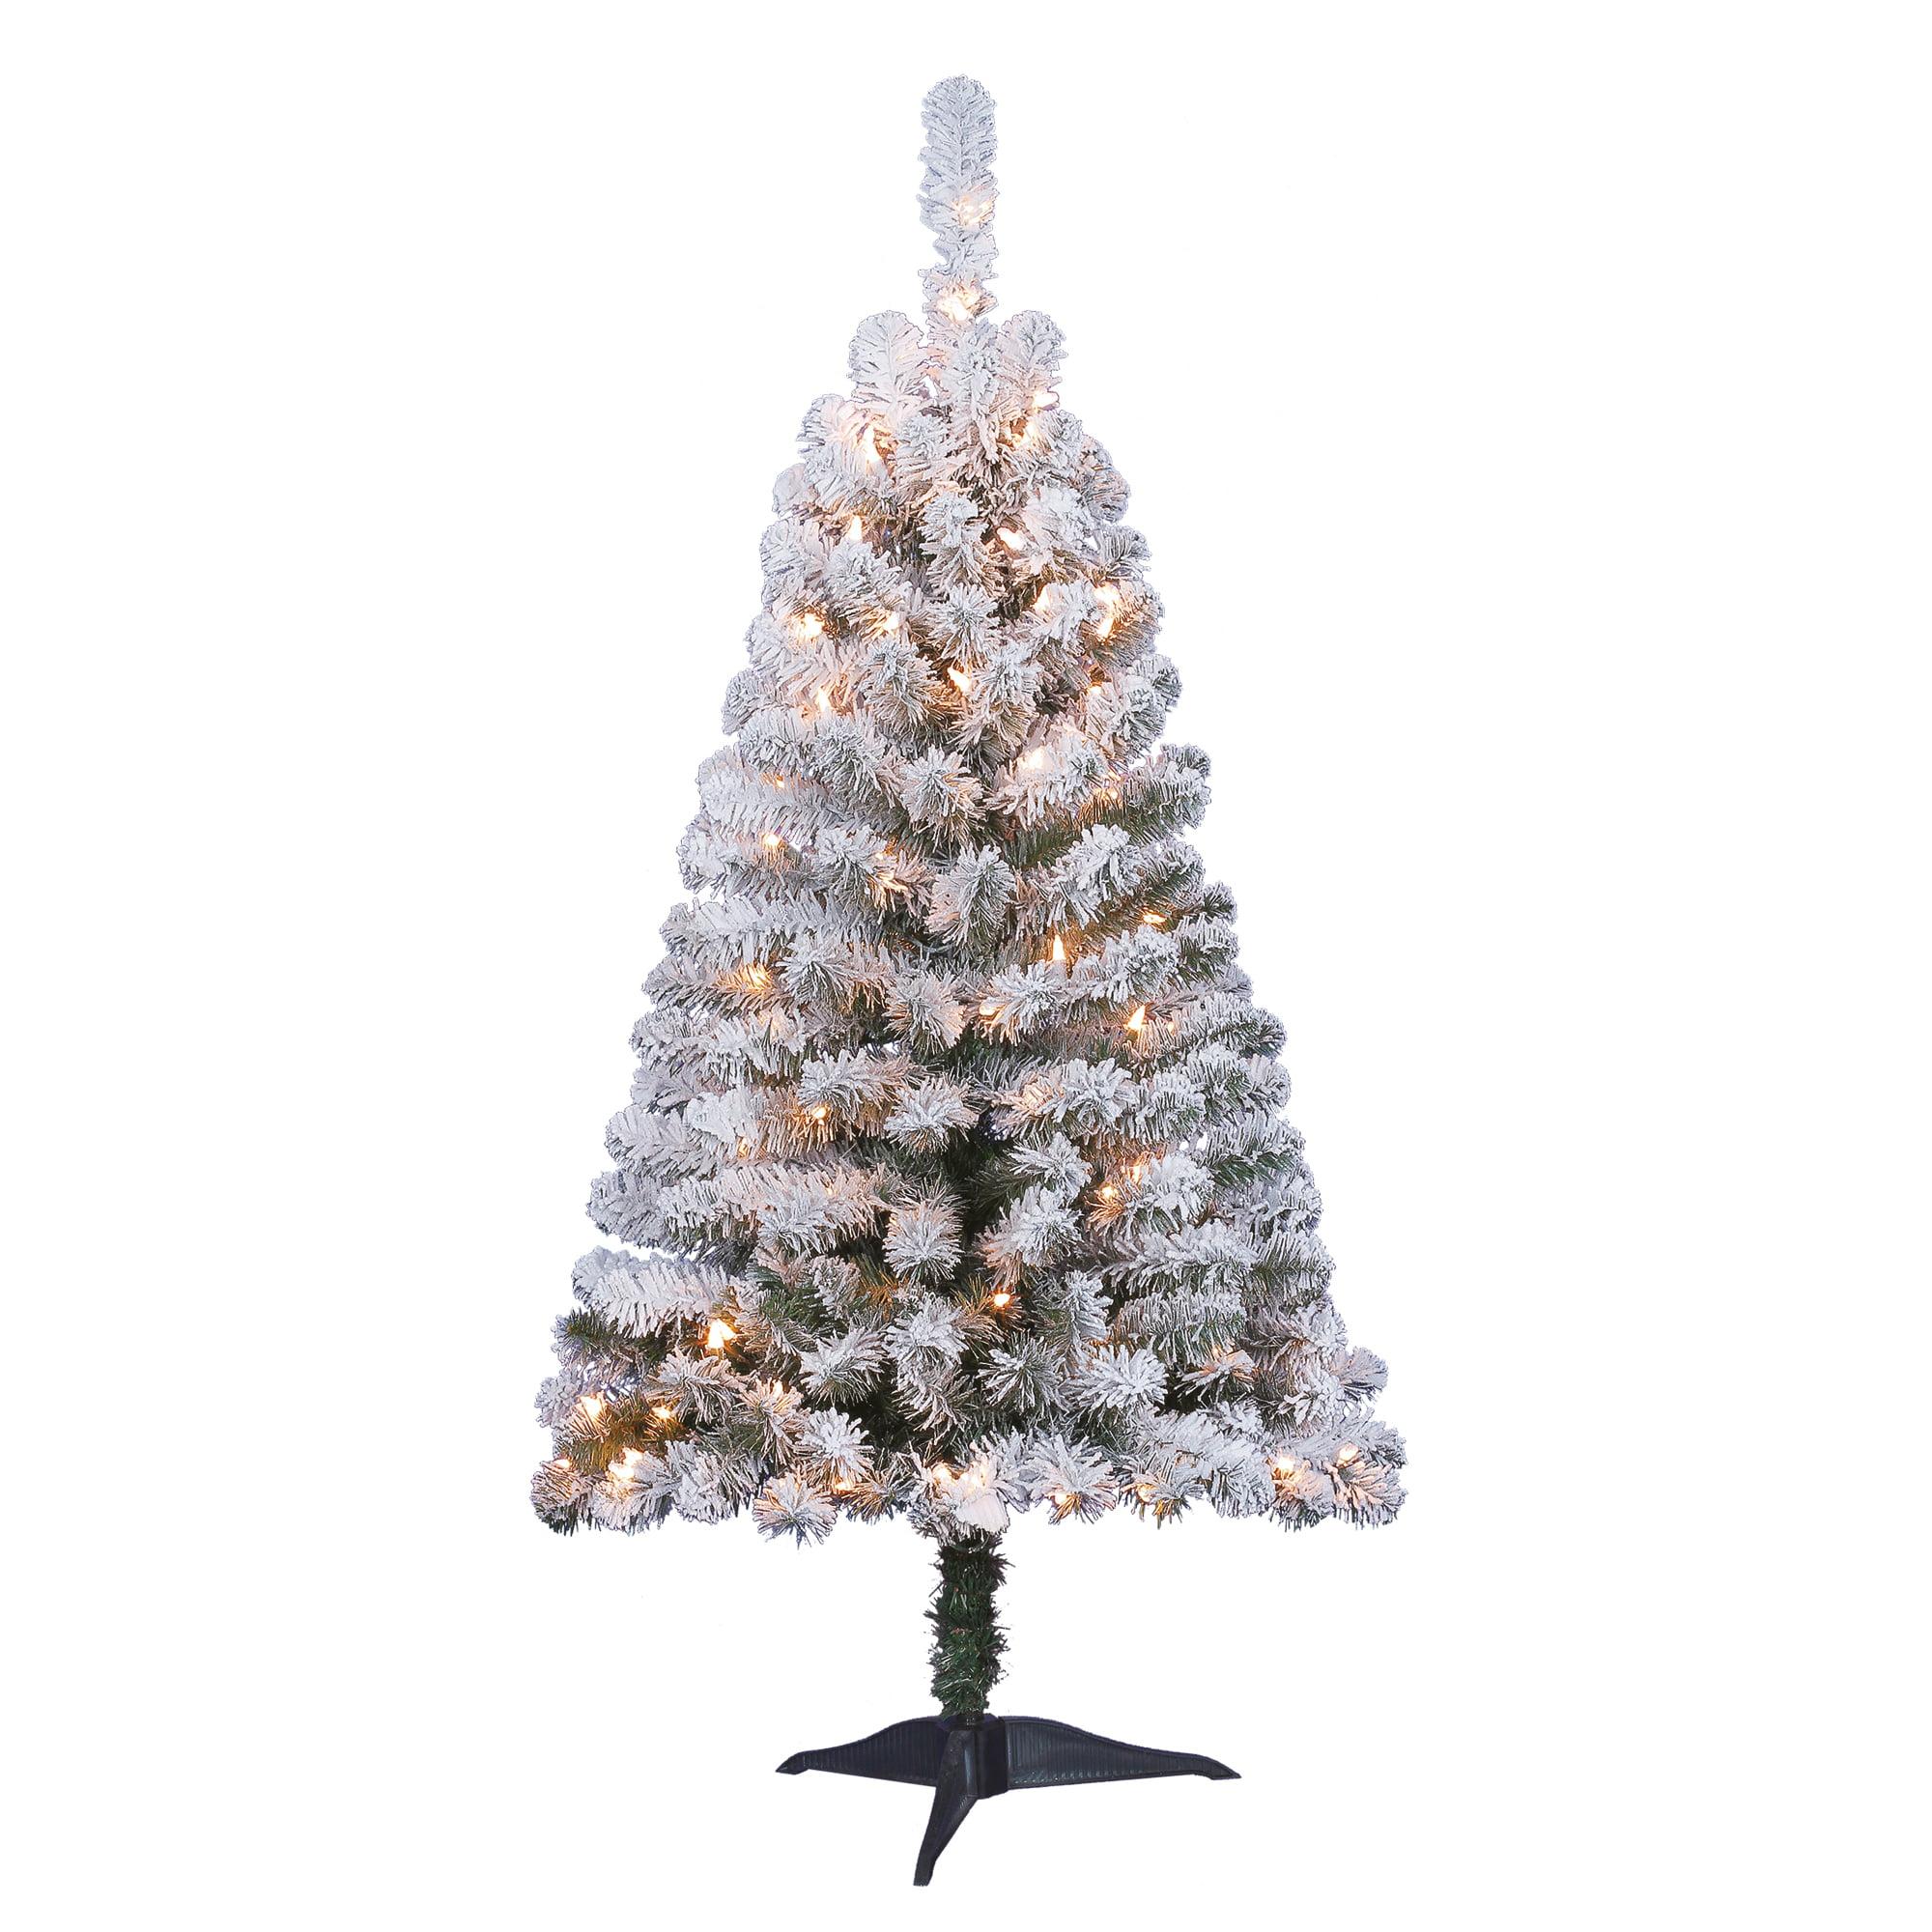 4Ft Christmas Tree